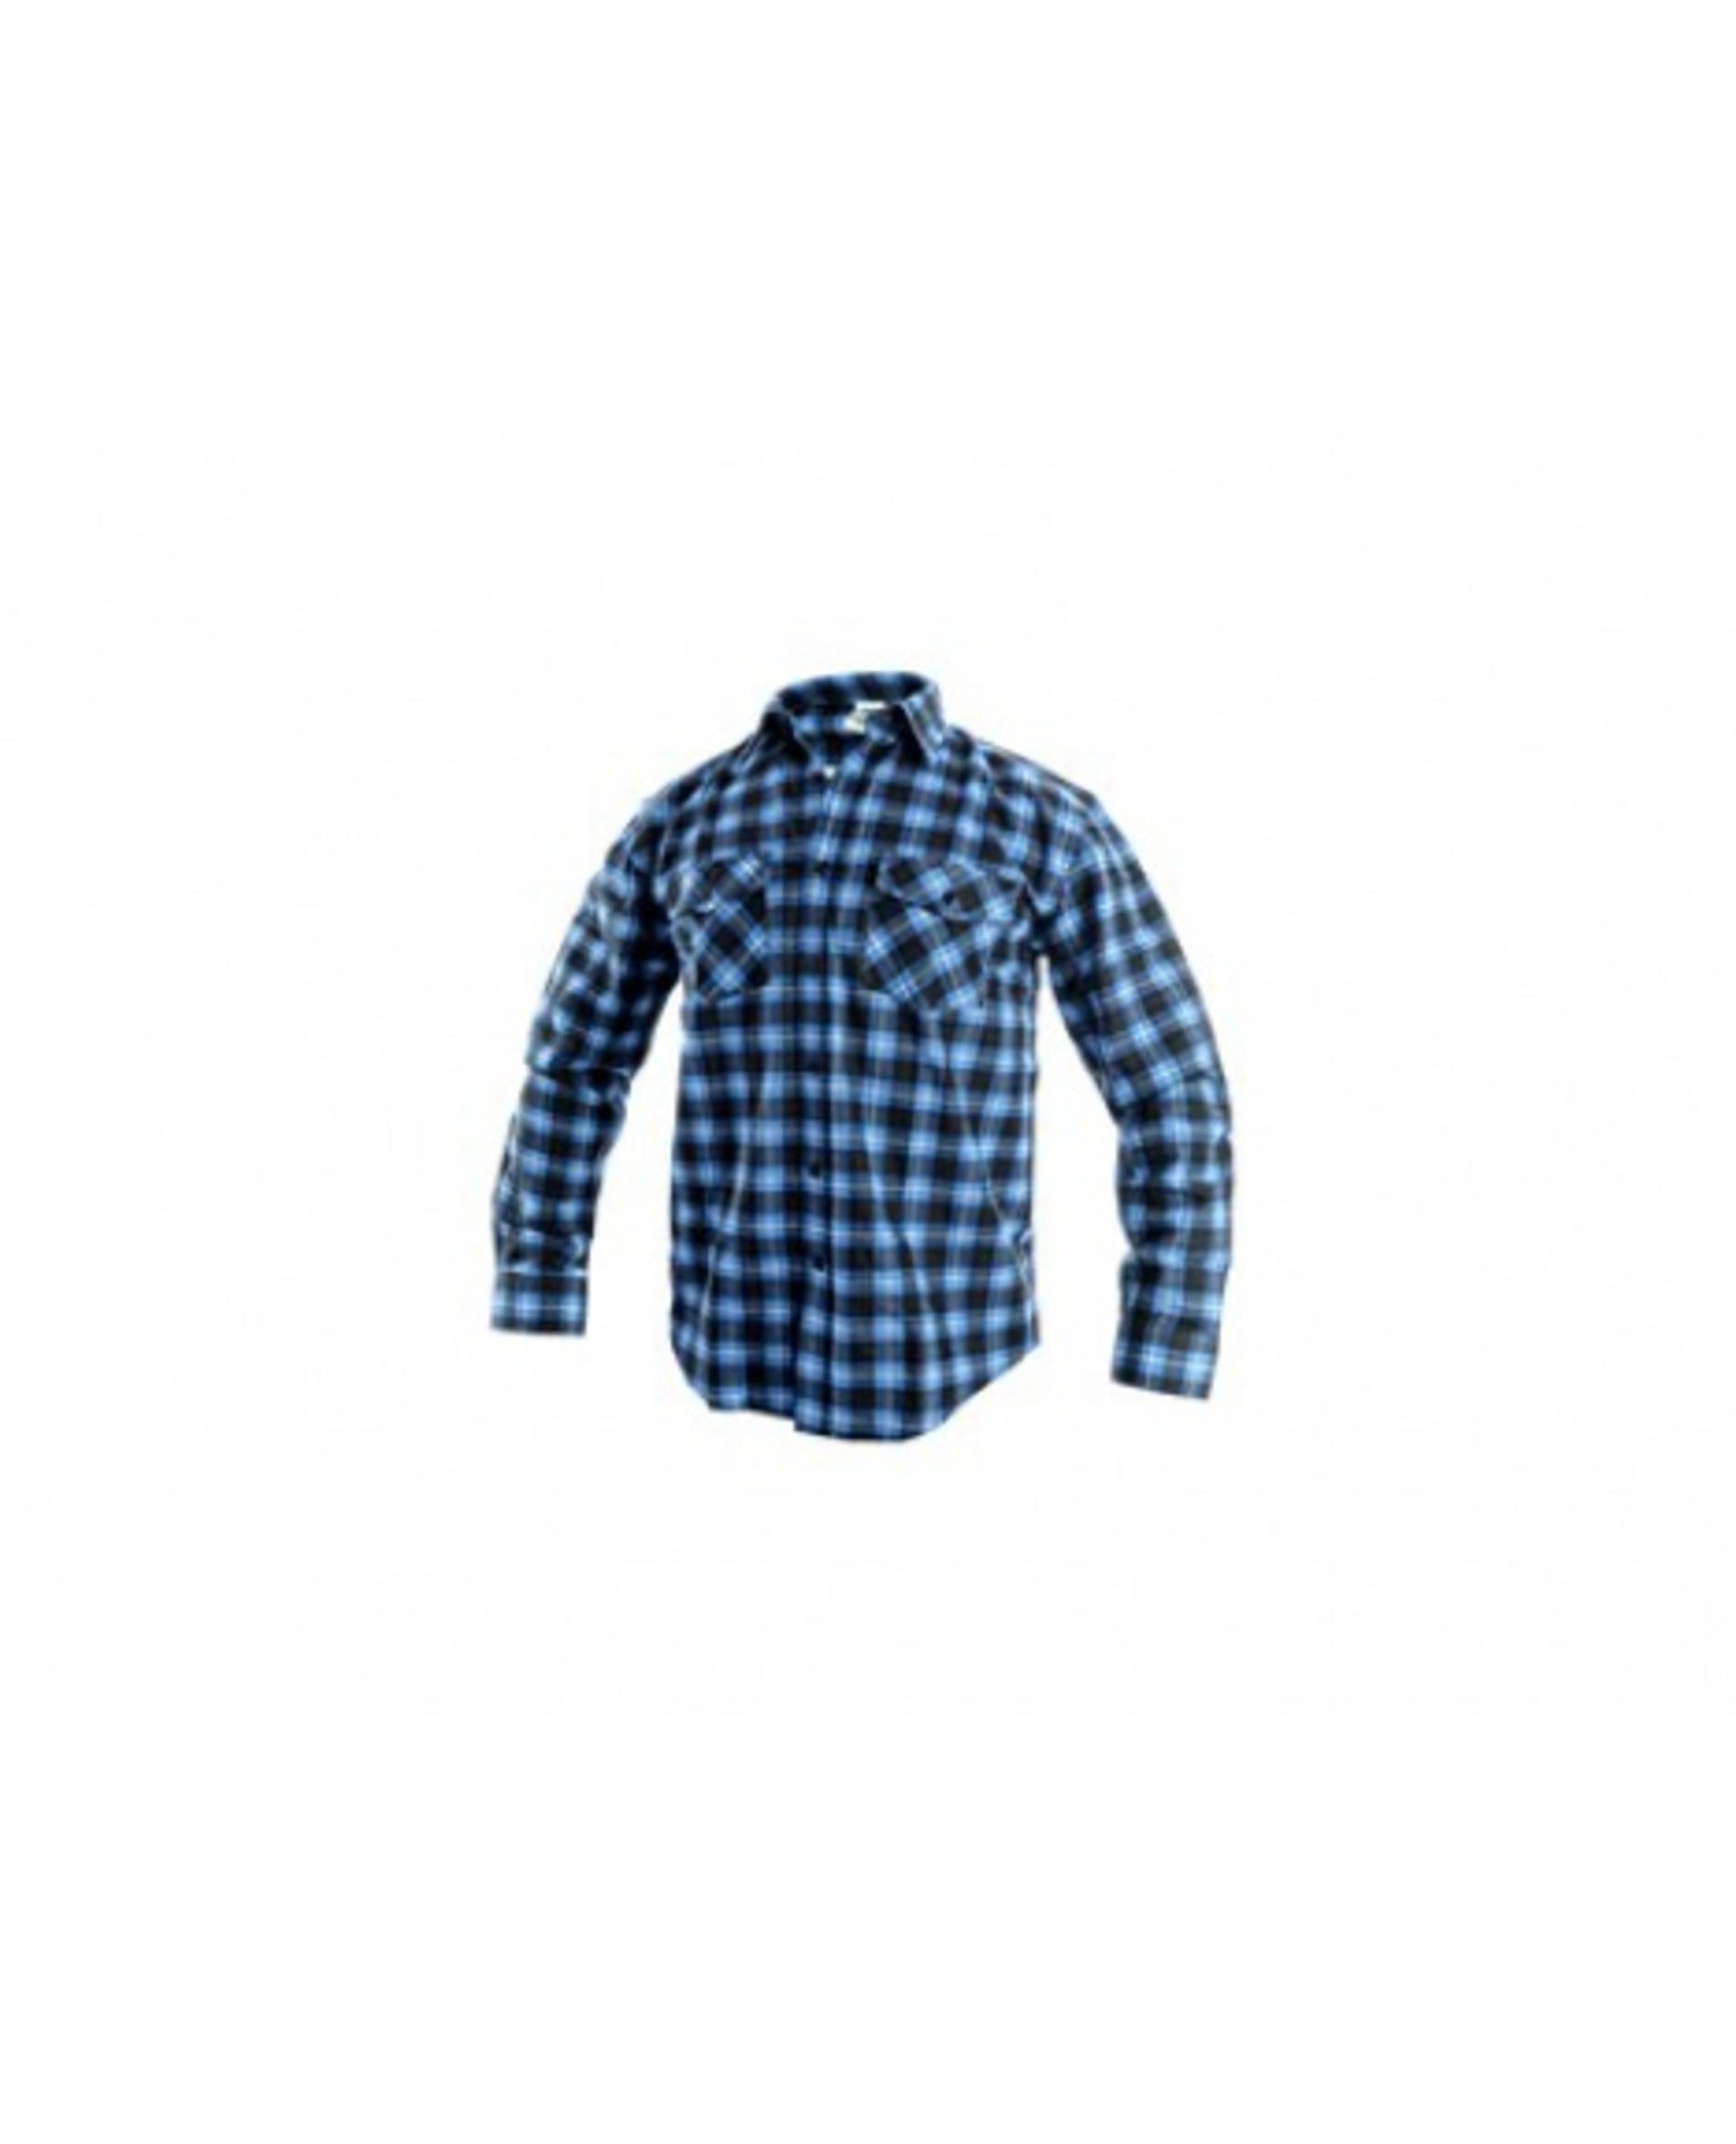 CXS TOM 1070 pánská dlouhý rukáv flanelová Košile modrá/černá 43/44 XL